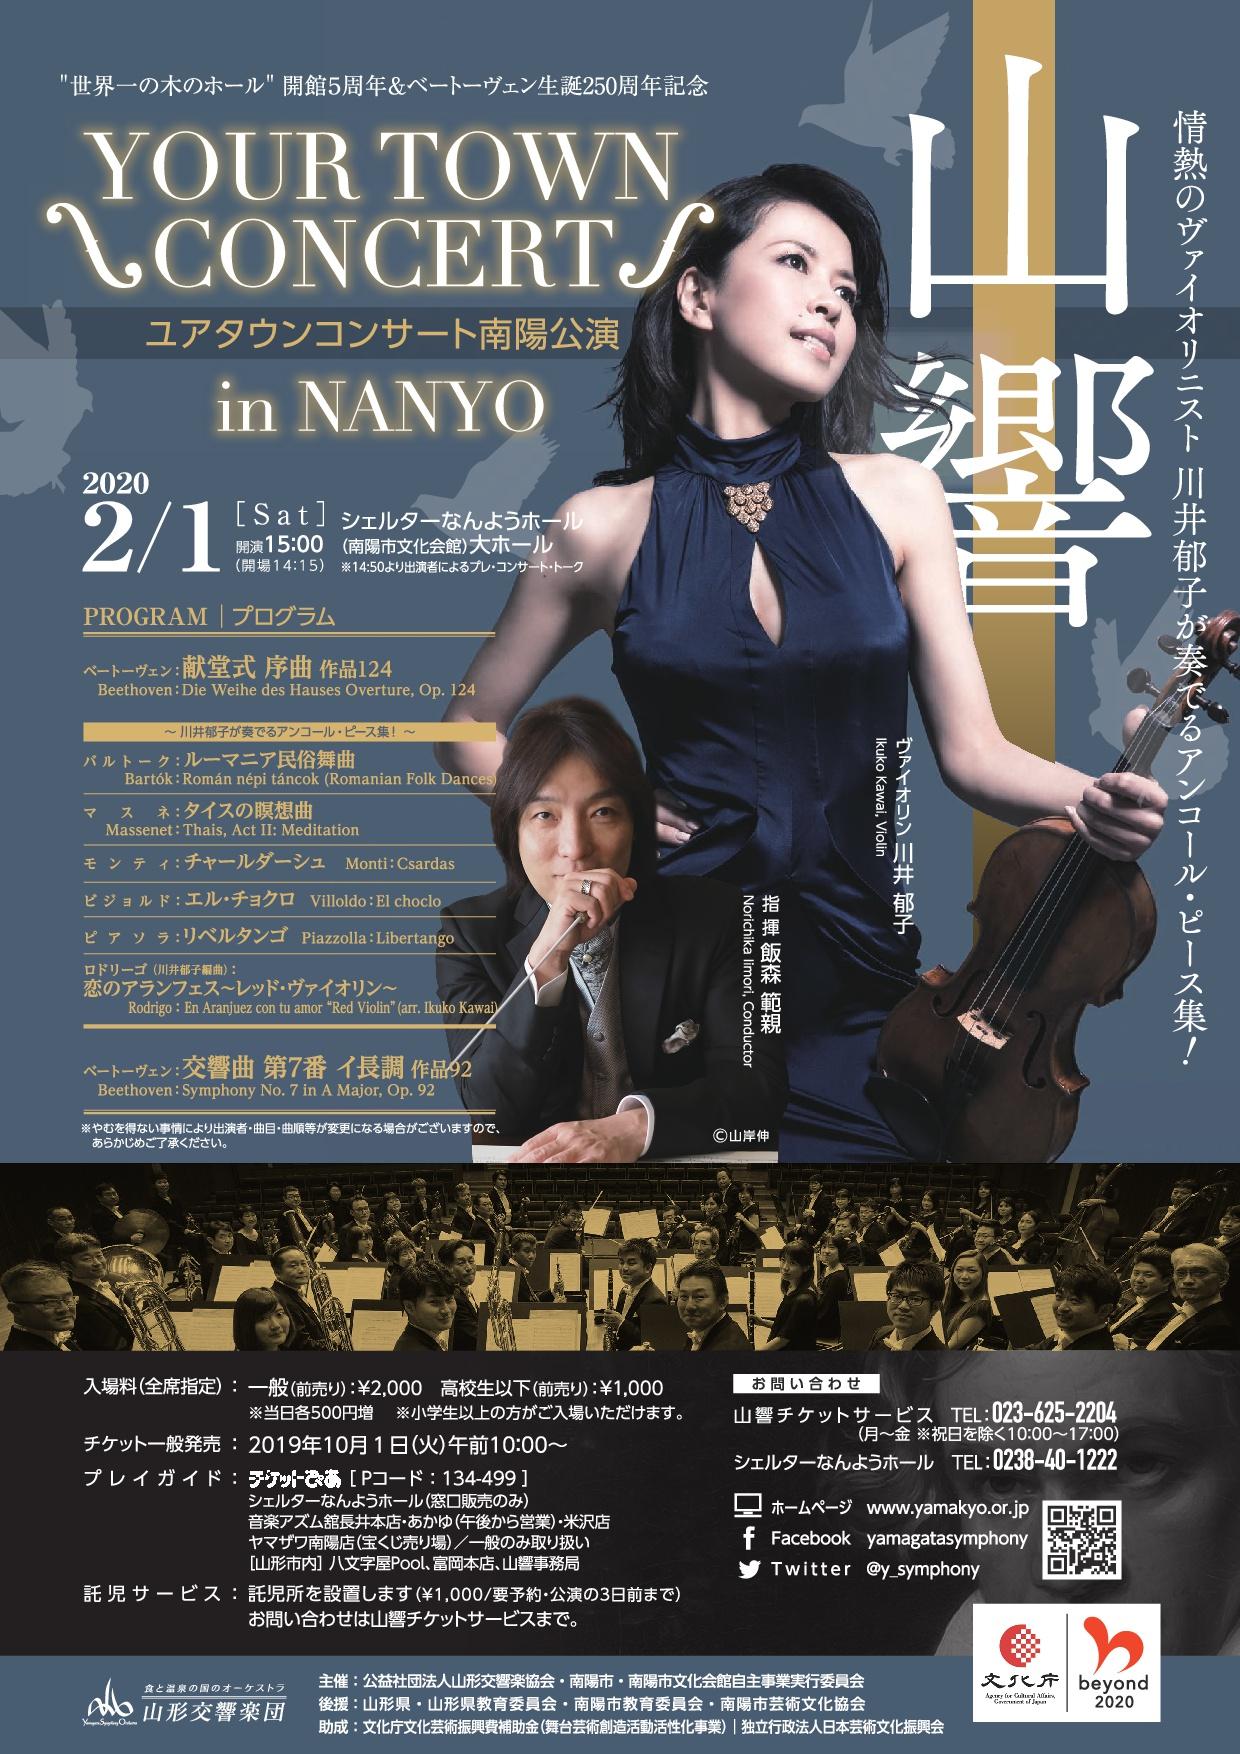 山形交響楽団<br> ユアタウンコンサート <br> 南陽公演